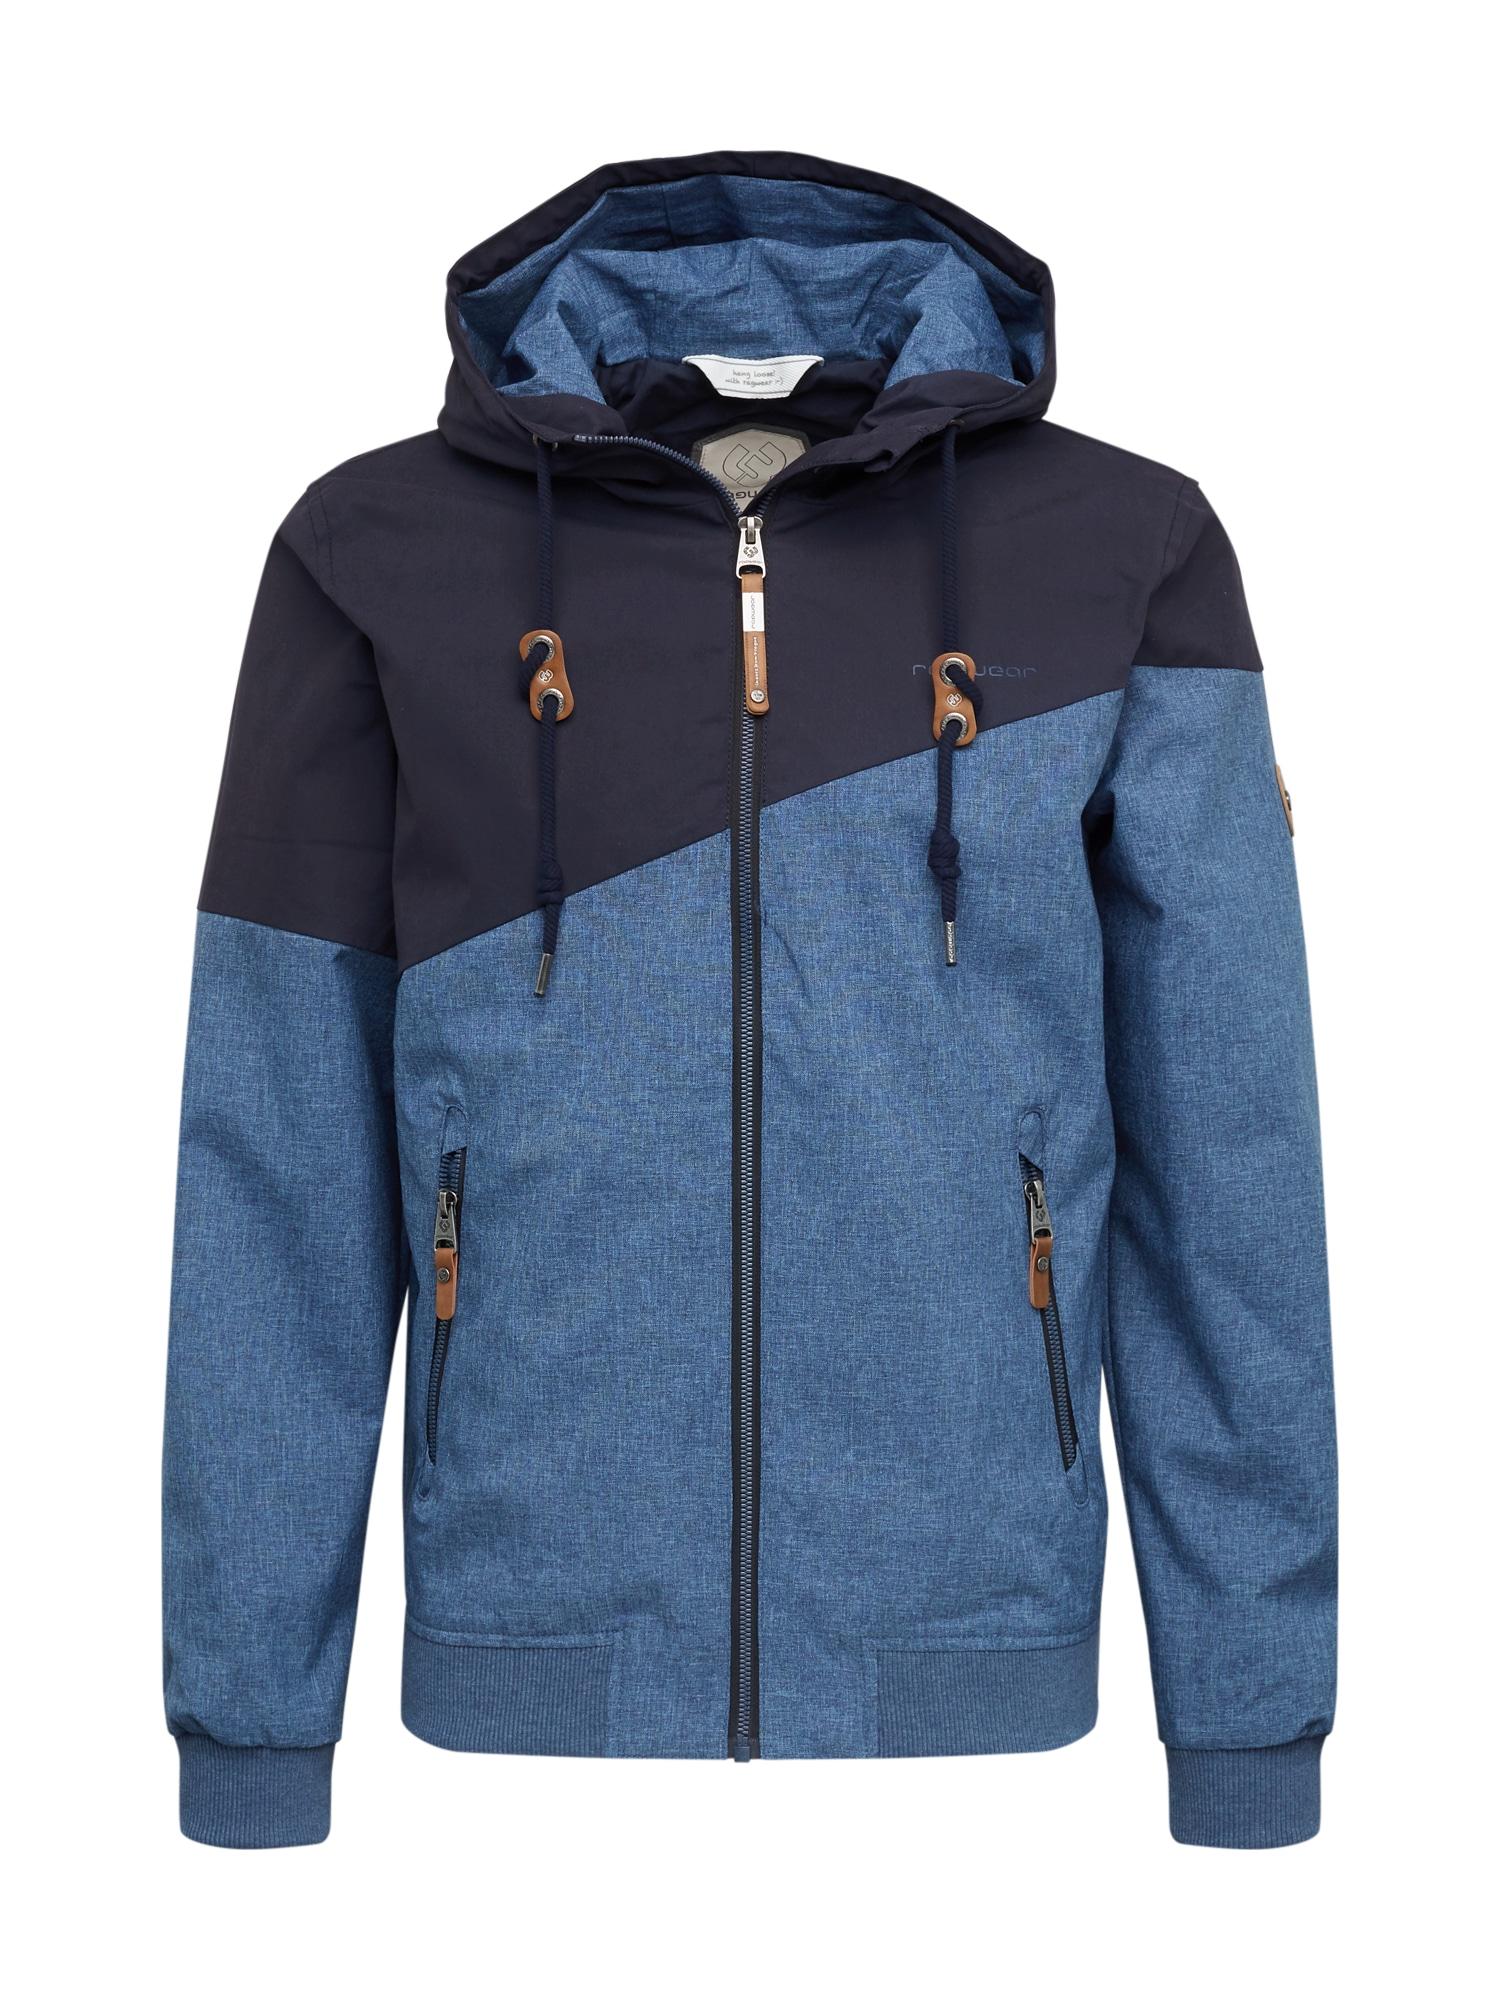 Ragwear Přechodná bunda 'Wings'  námořnická modř / královská modrá